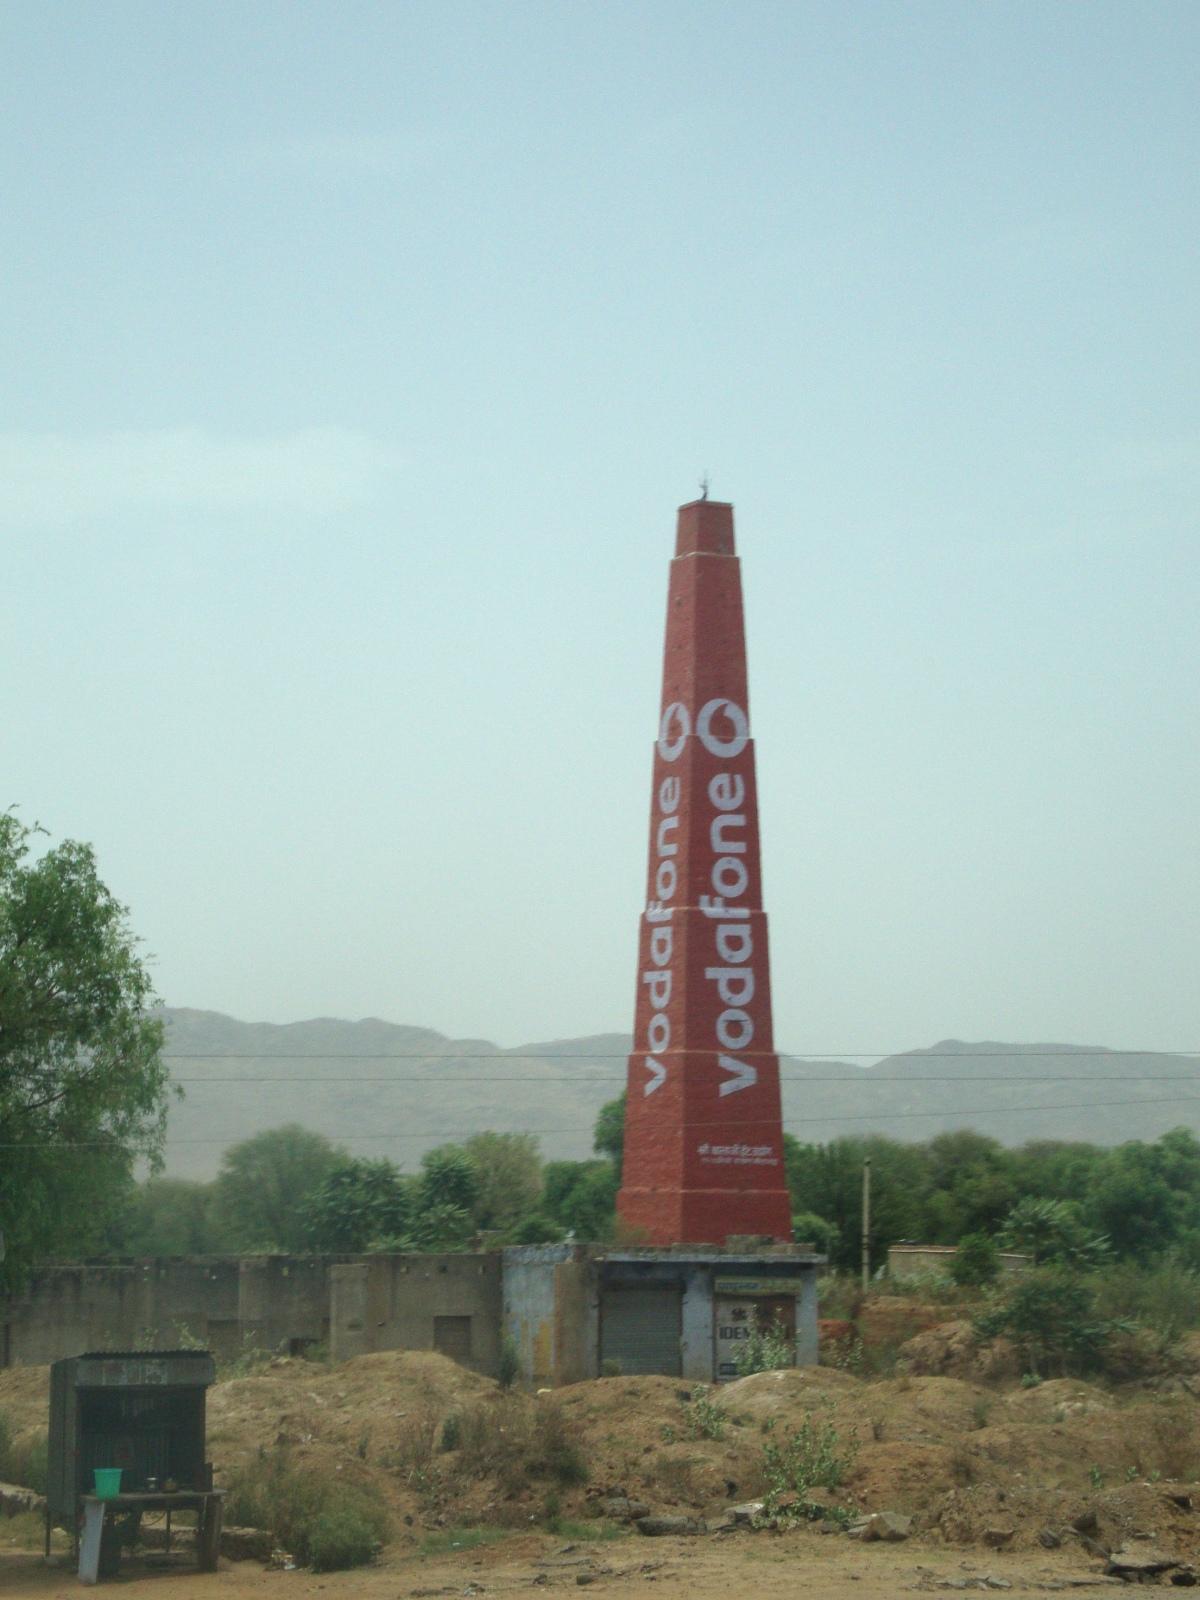 Vodaphone smokestack